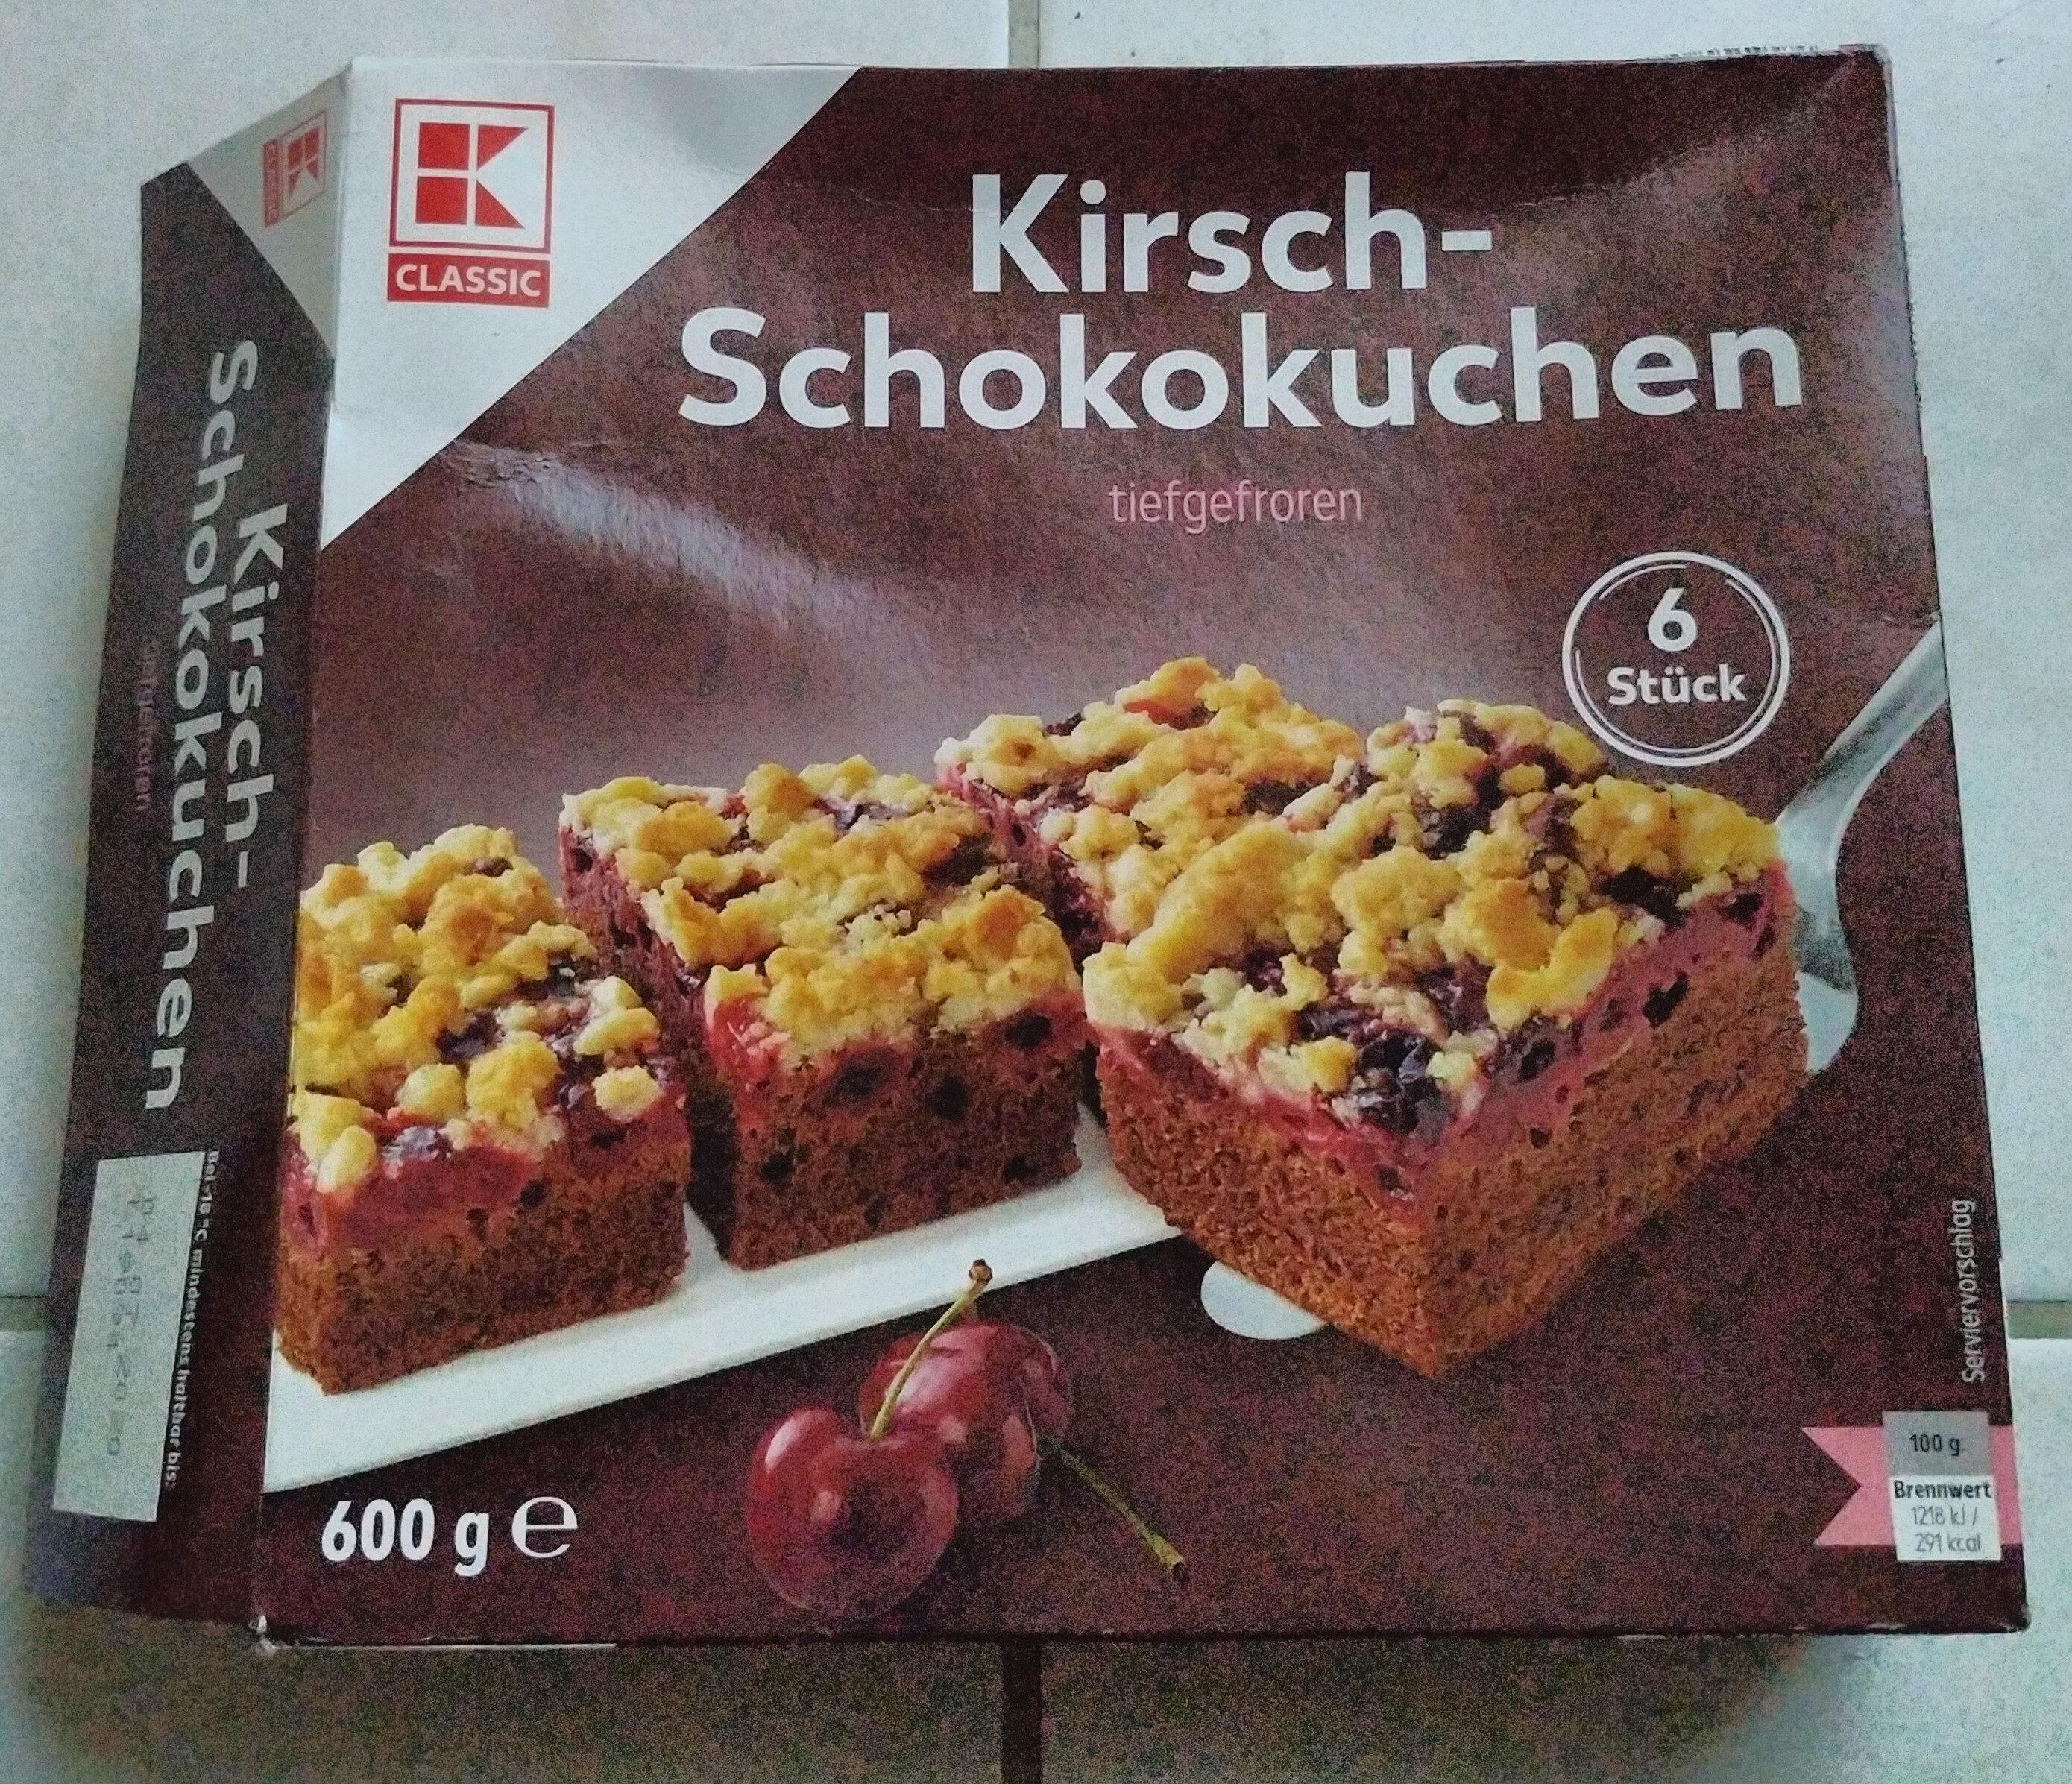 Kirsch-Schokokuchen - Product